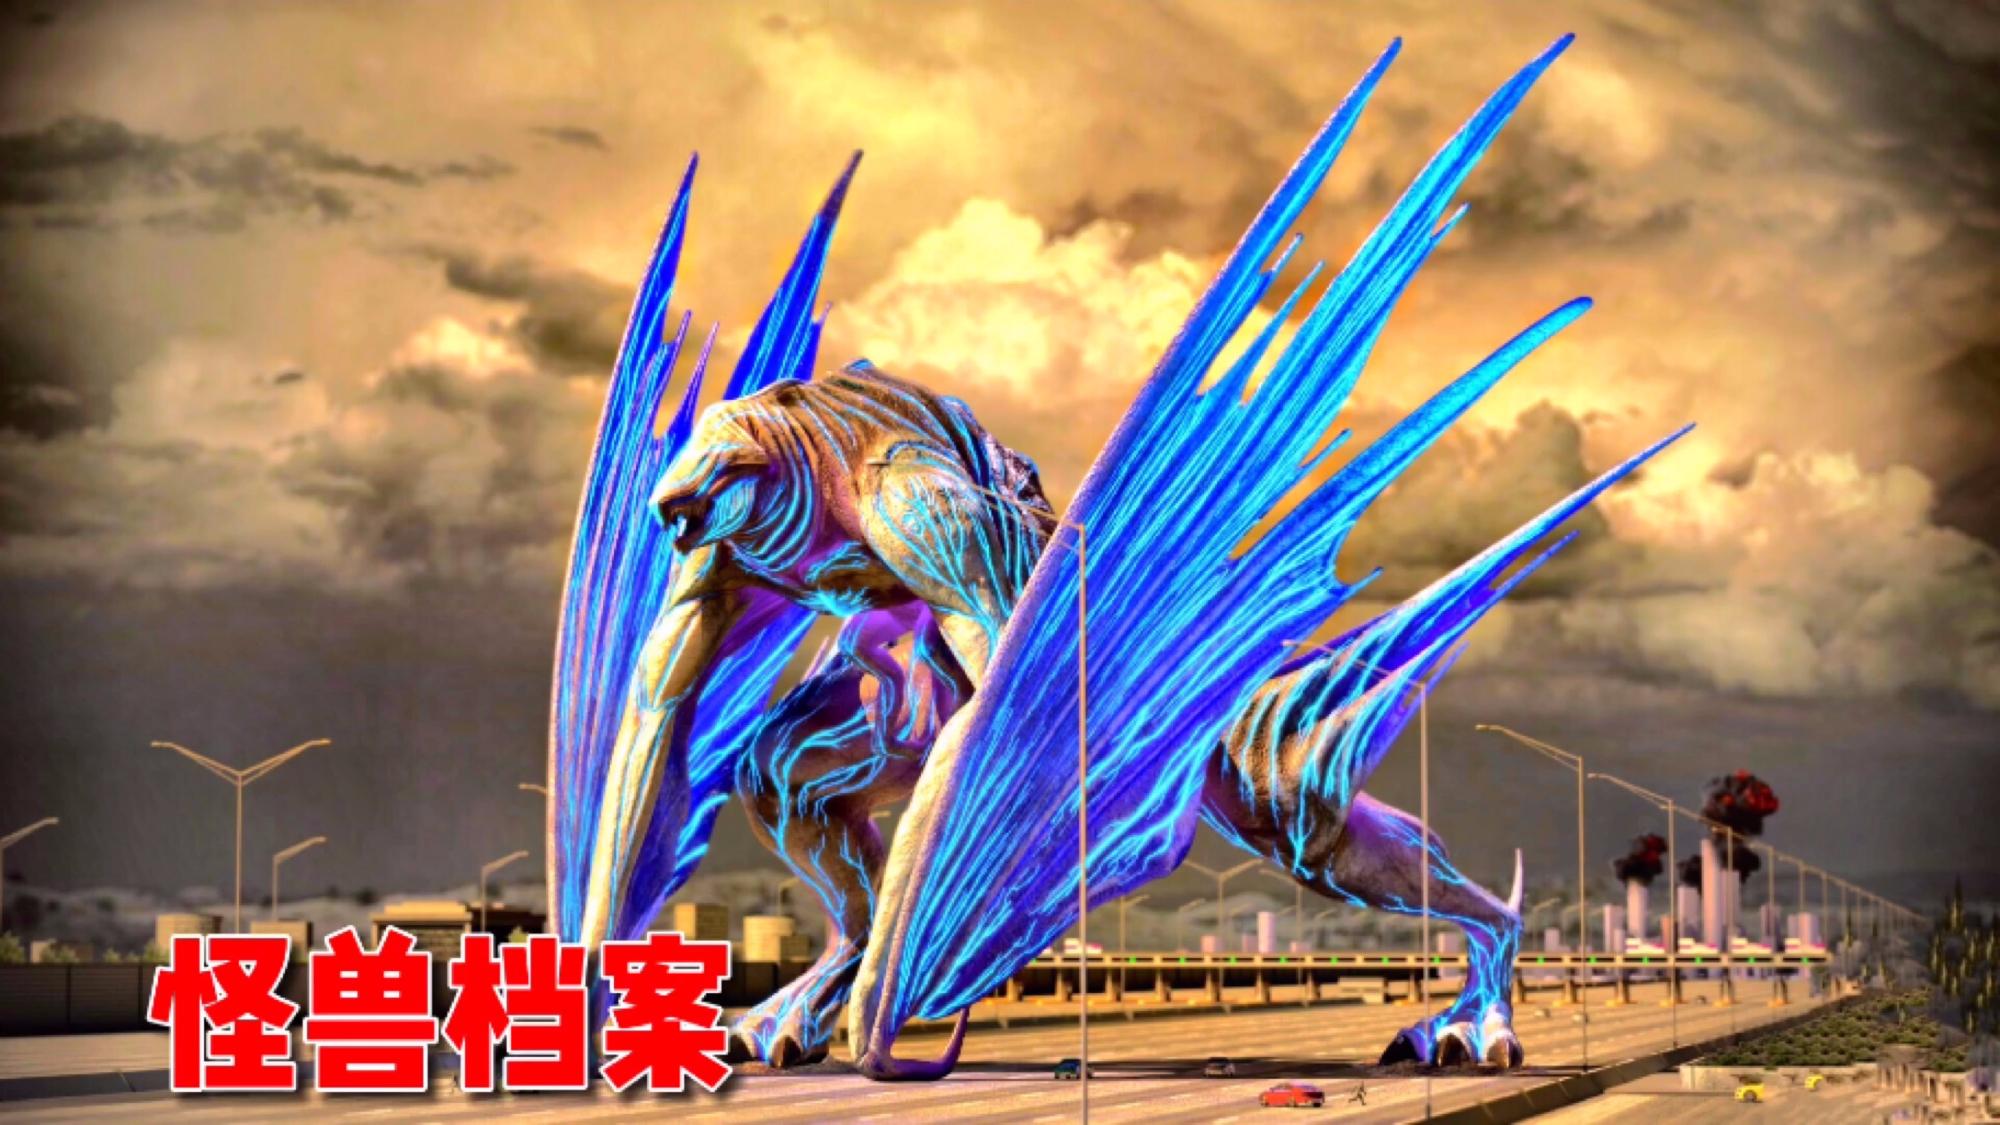 7个会飞的泰坦巨兽,基多拉为何能产生飓风,哥斯拉怪兽宇宙科普